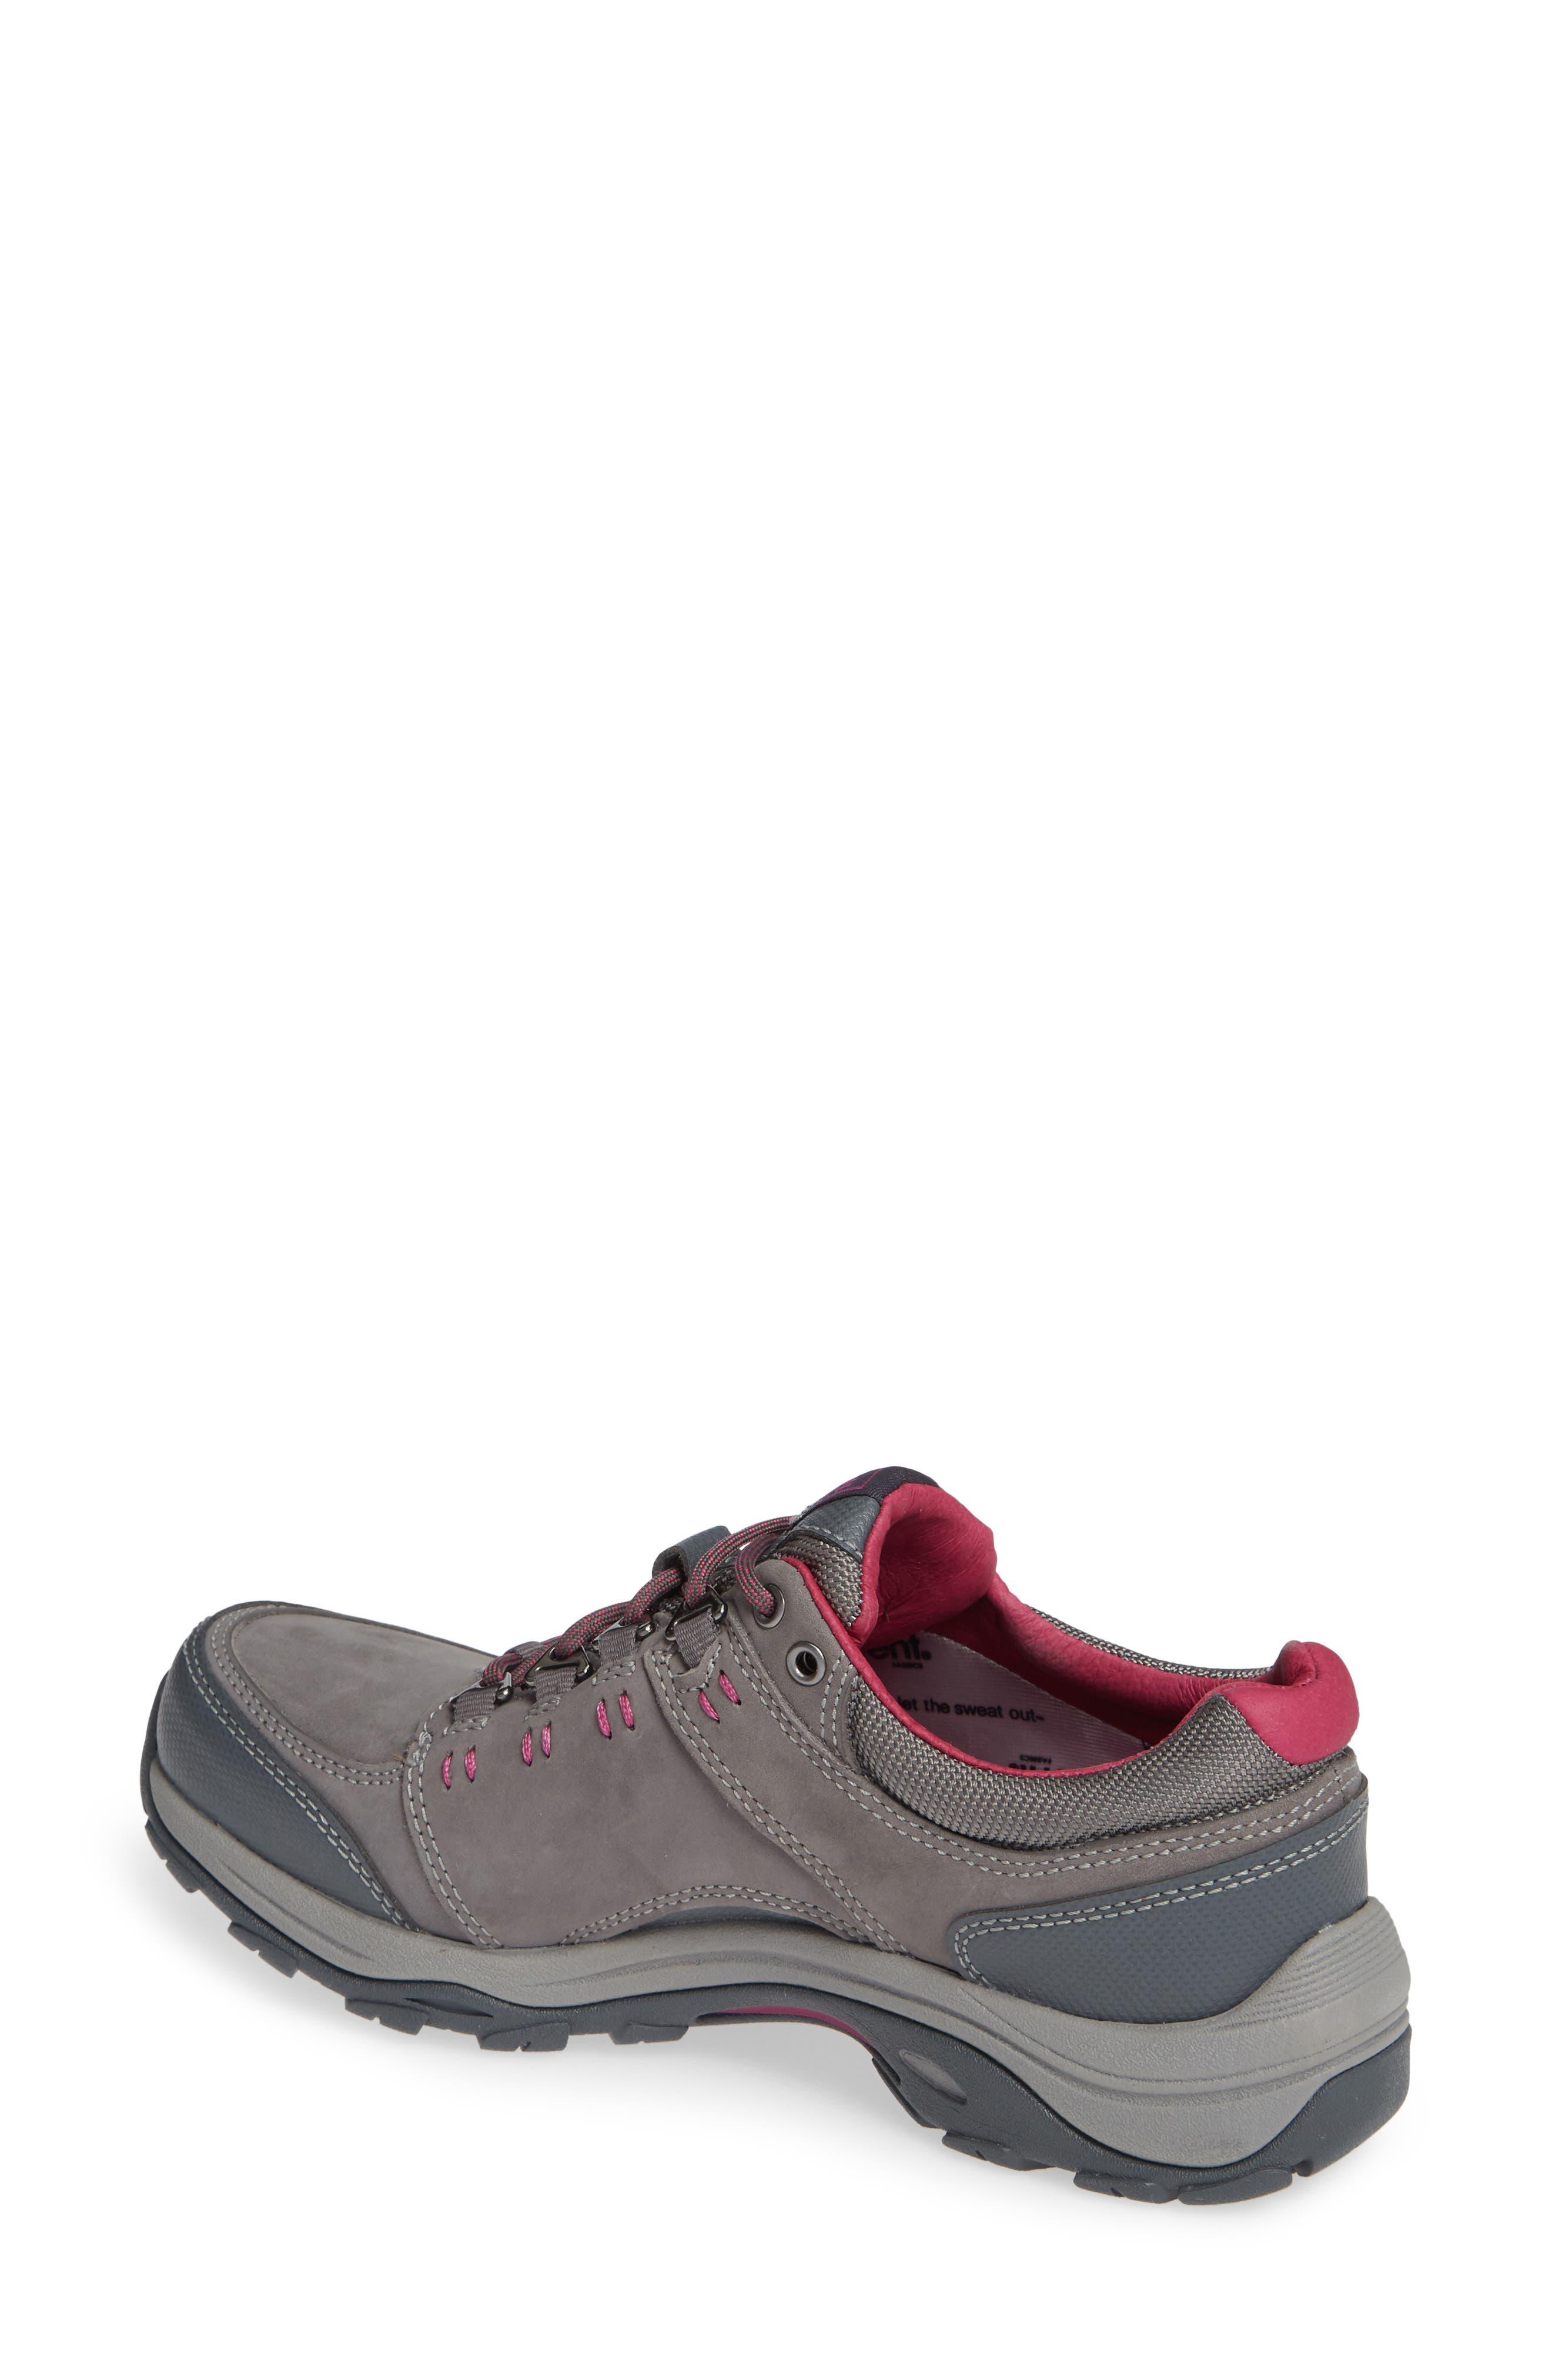 TEVA,                             Ahnu by Teva Montara III Waterproof Hiking Sneaker,                             Alternate thumbnail 2, color,                             CHARCOAL GRAY NUBUCK LEATHER